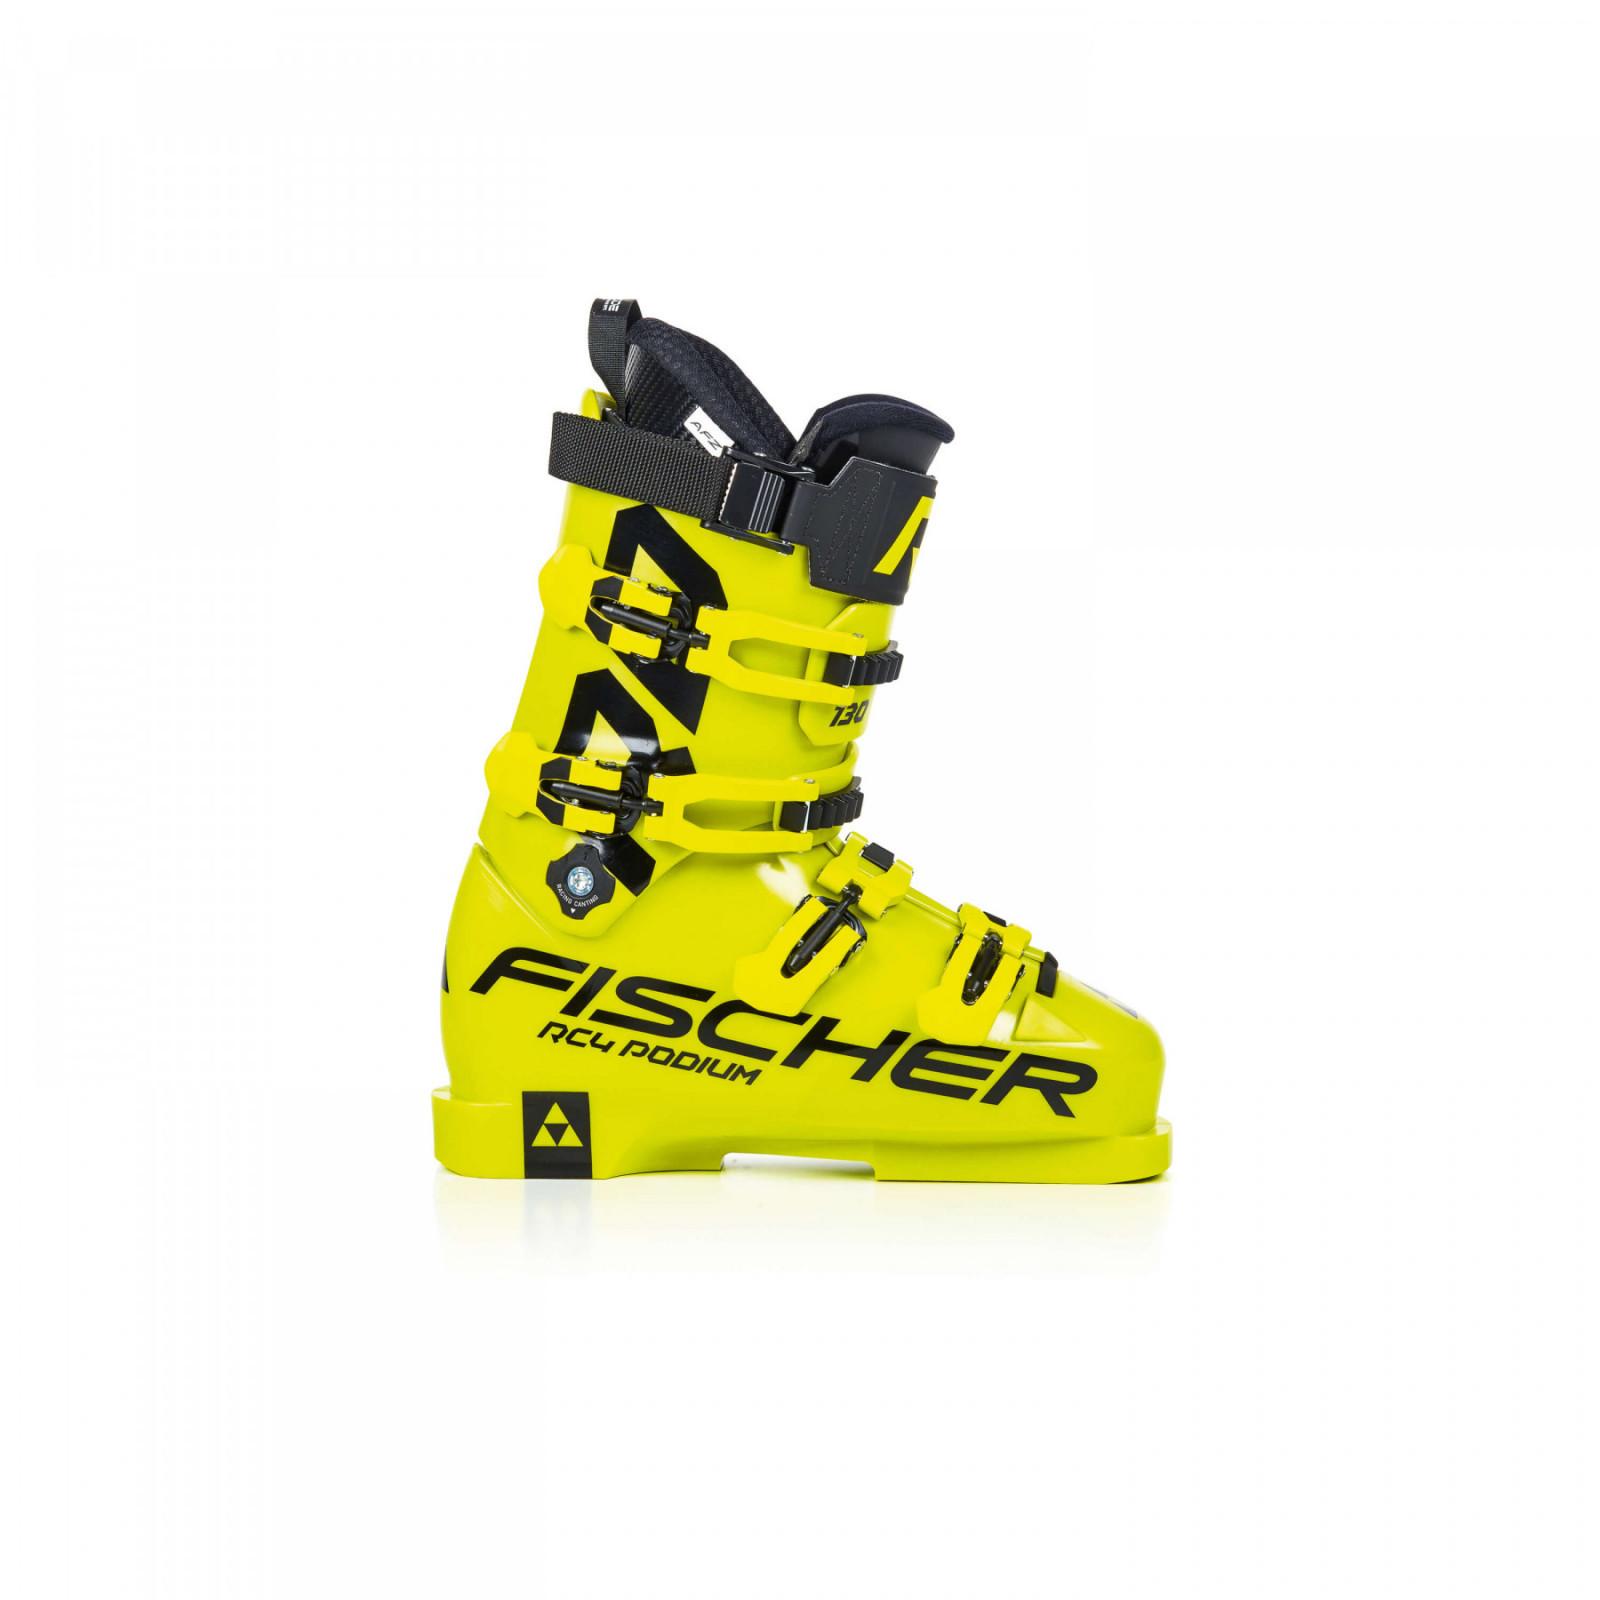 Fischer RC 4 Podium RD 130